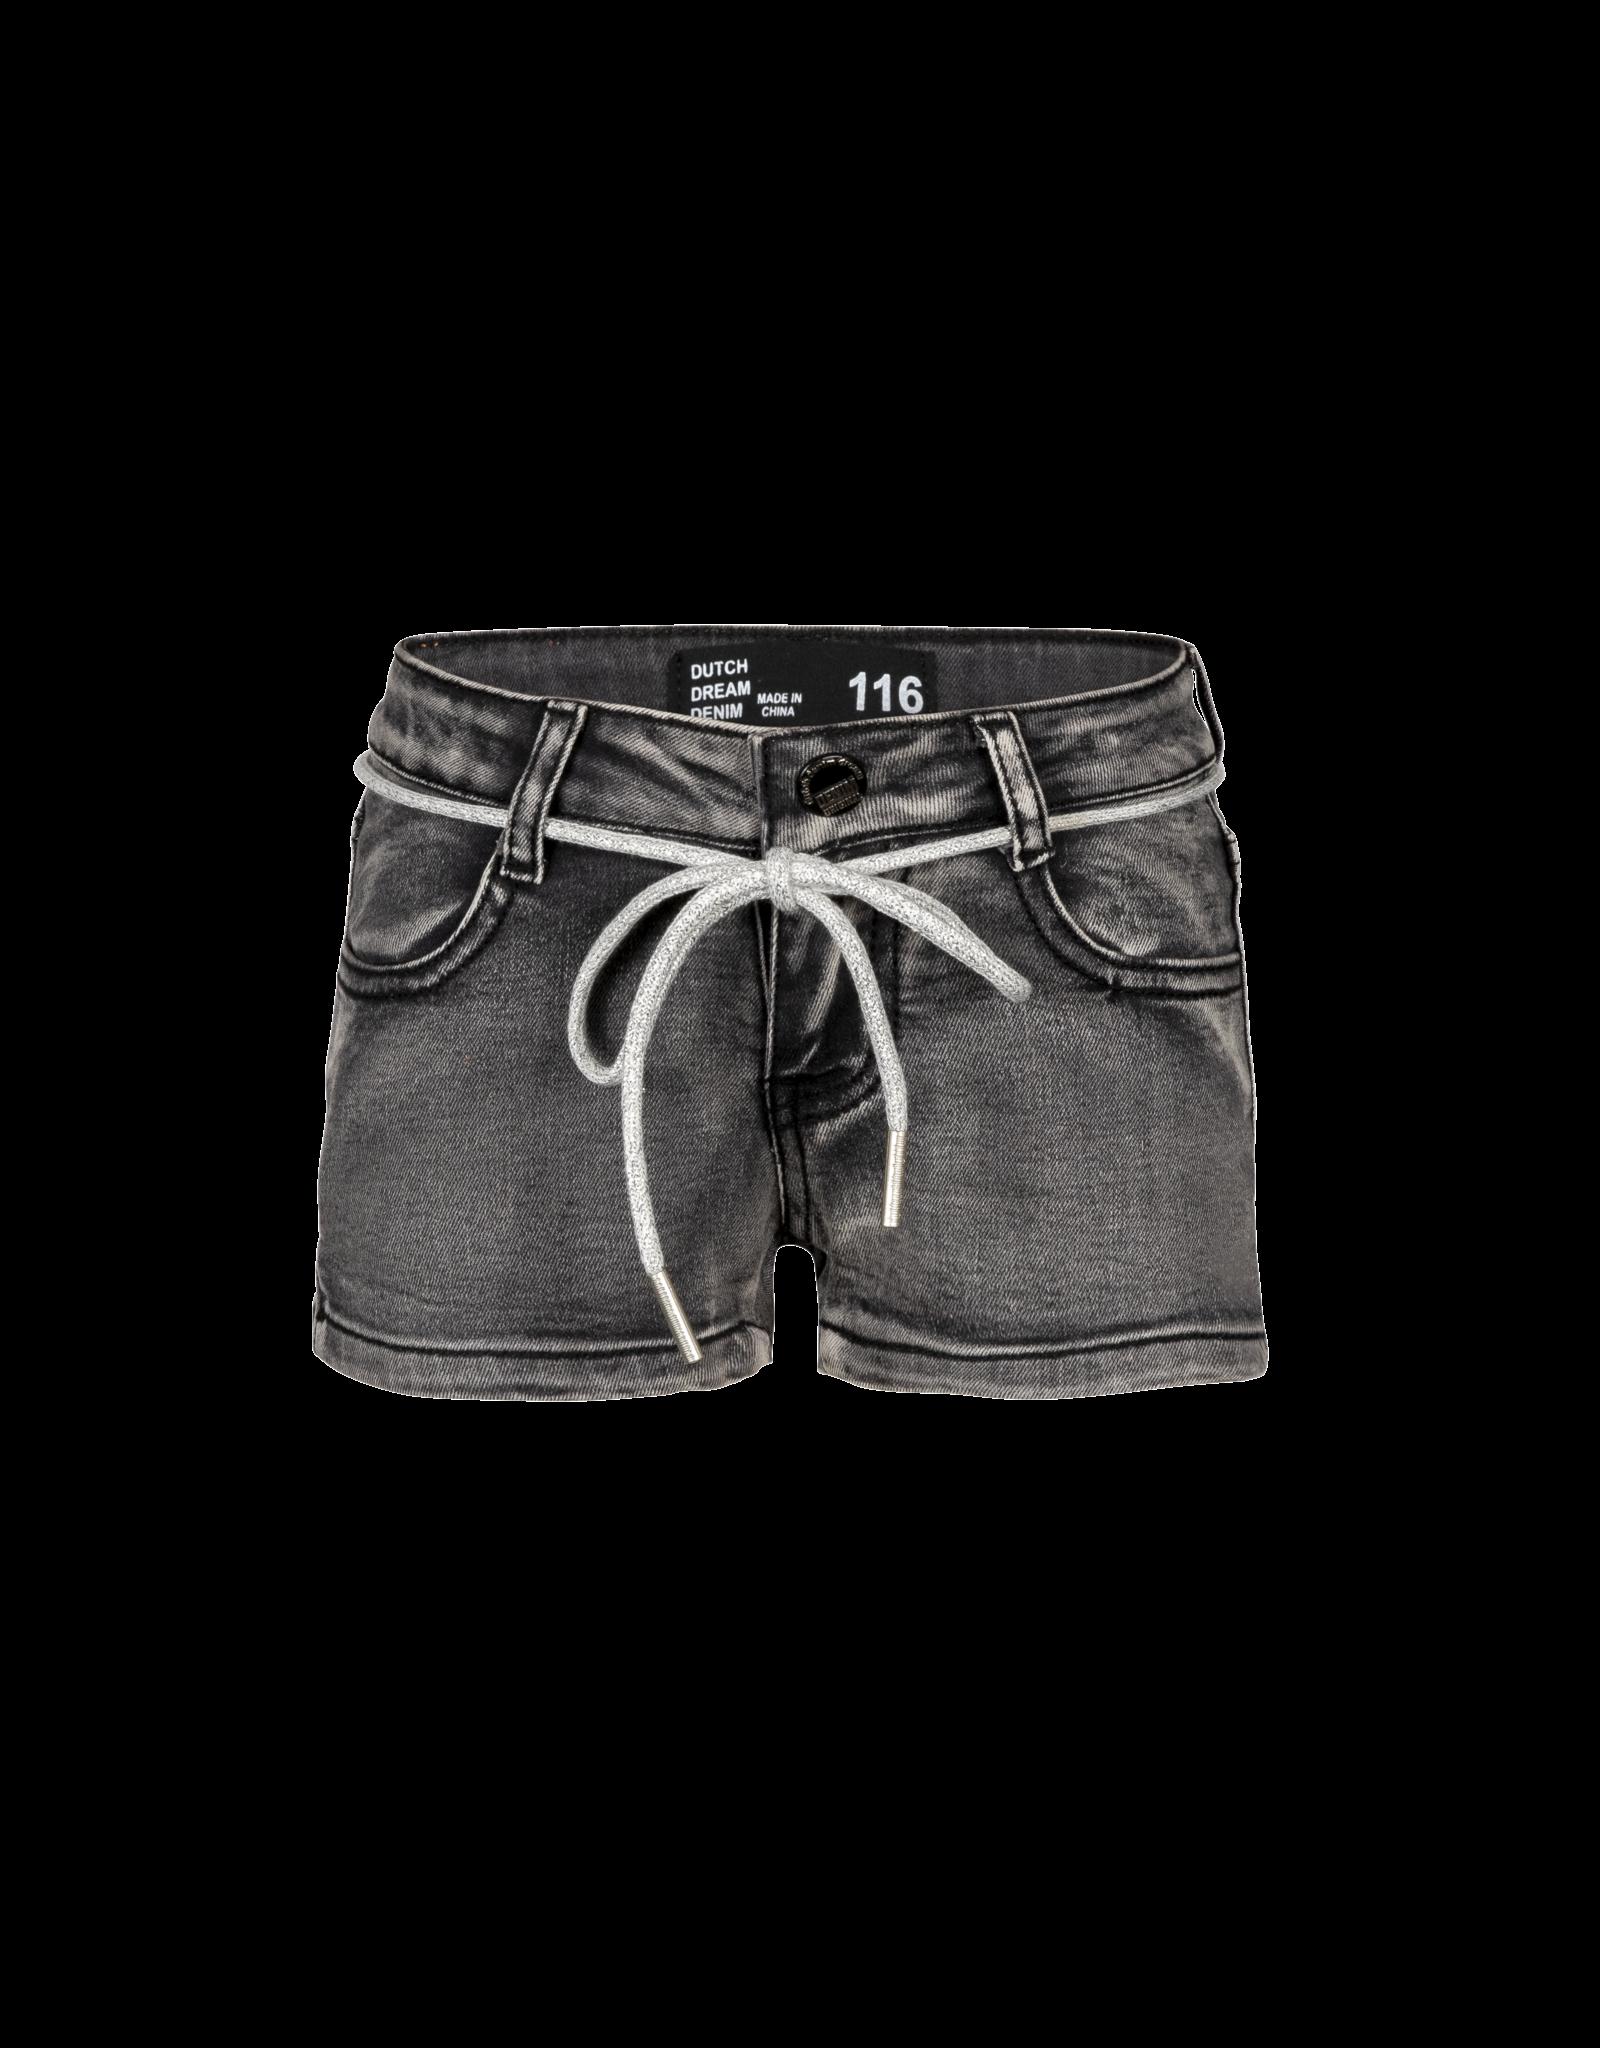 Dutch dream denim KOO, Power stretch denim shorts grey